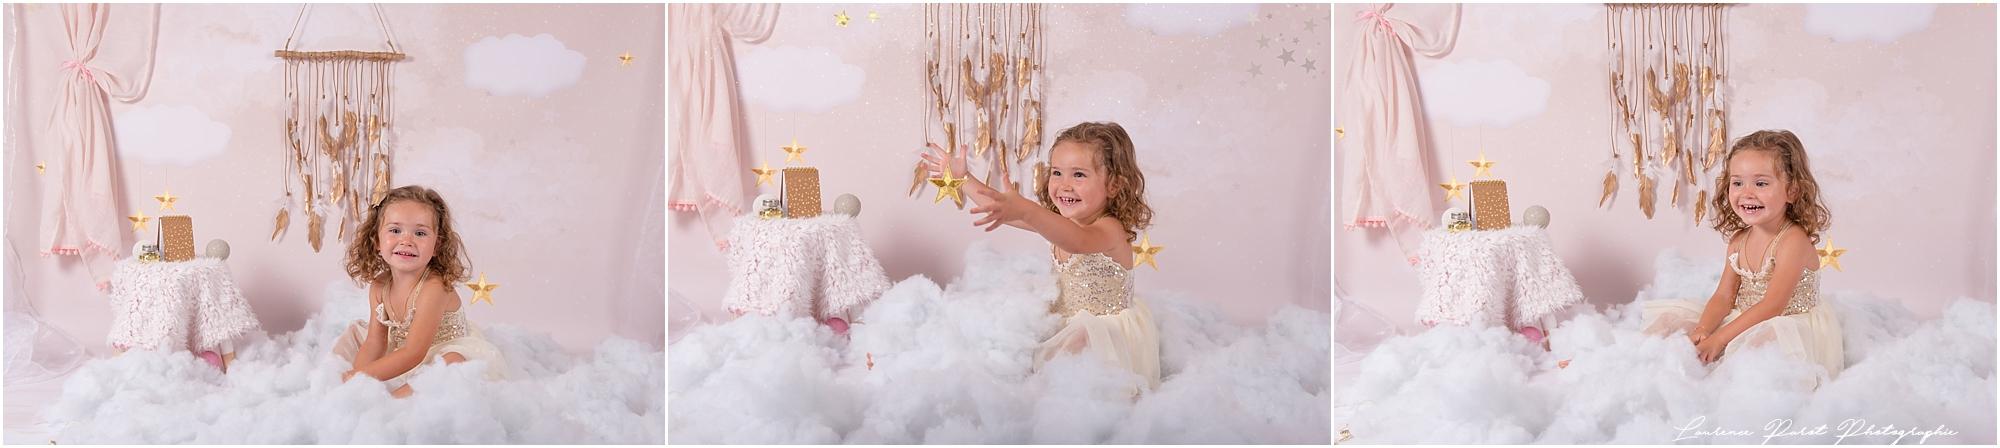 seance enfants cocooning nuages étoiles rose paillettes